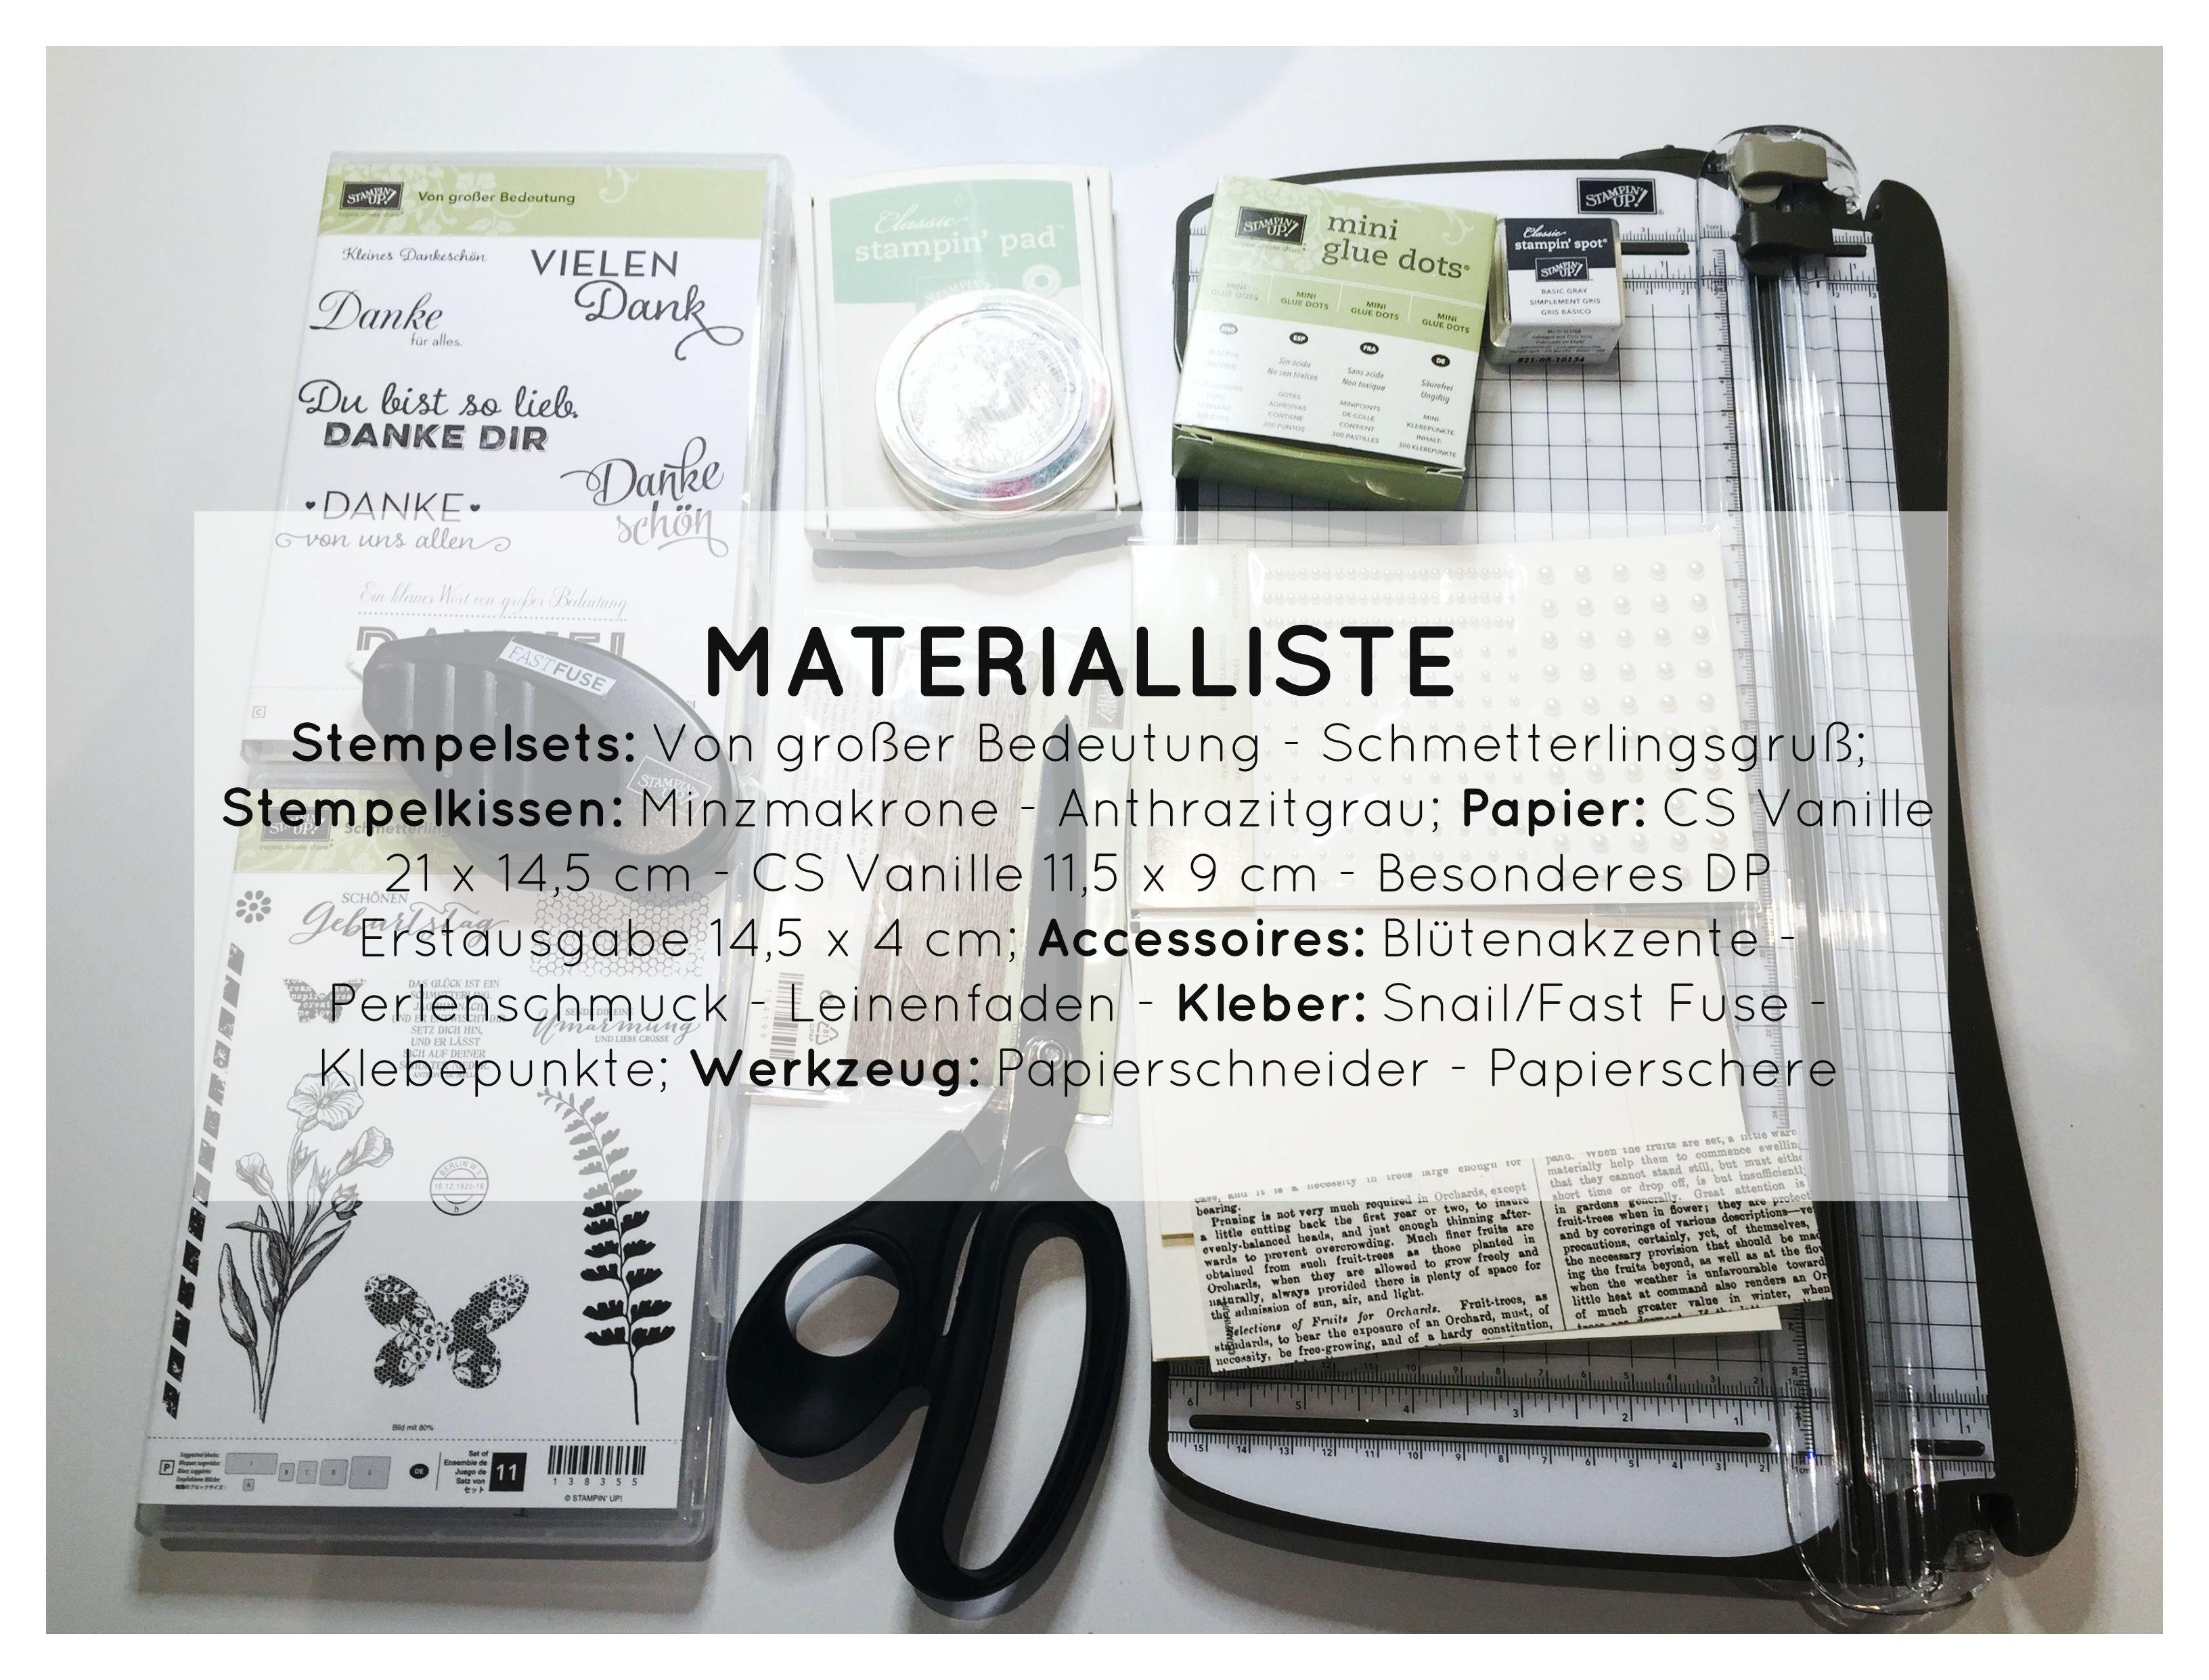 Stampin Up-Stempelherz-Dankeskarte-Zeig es am Montag Karte Danke Anleitung - Materialliste